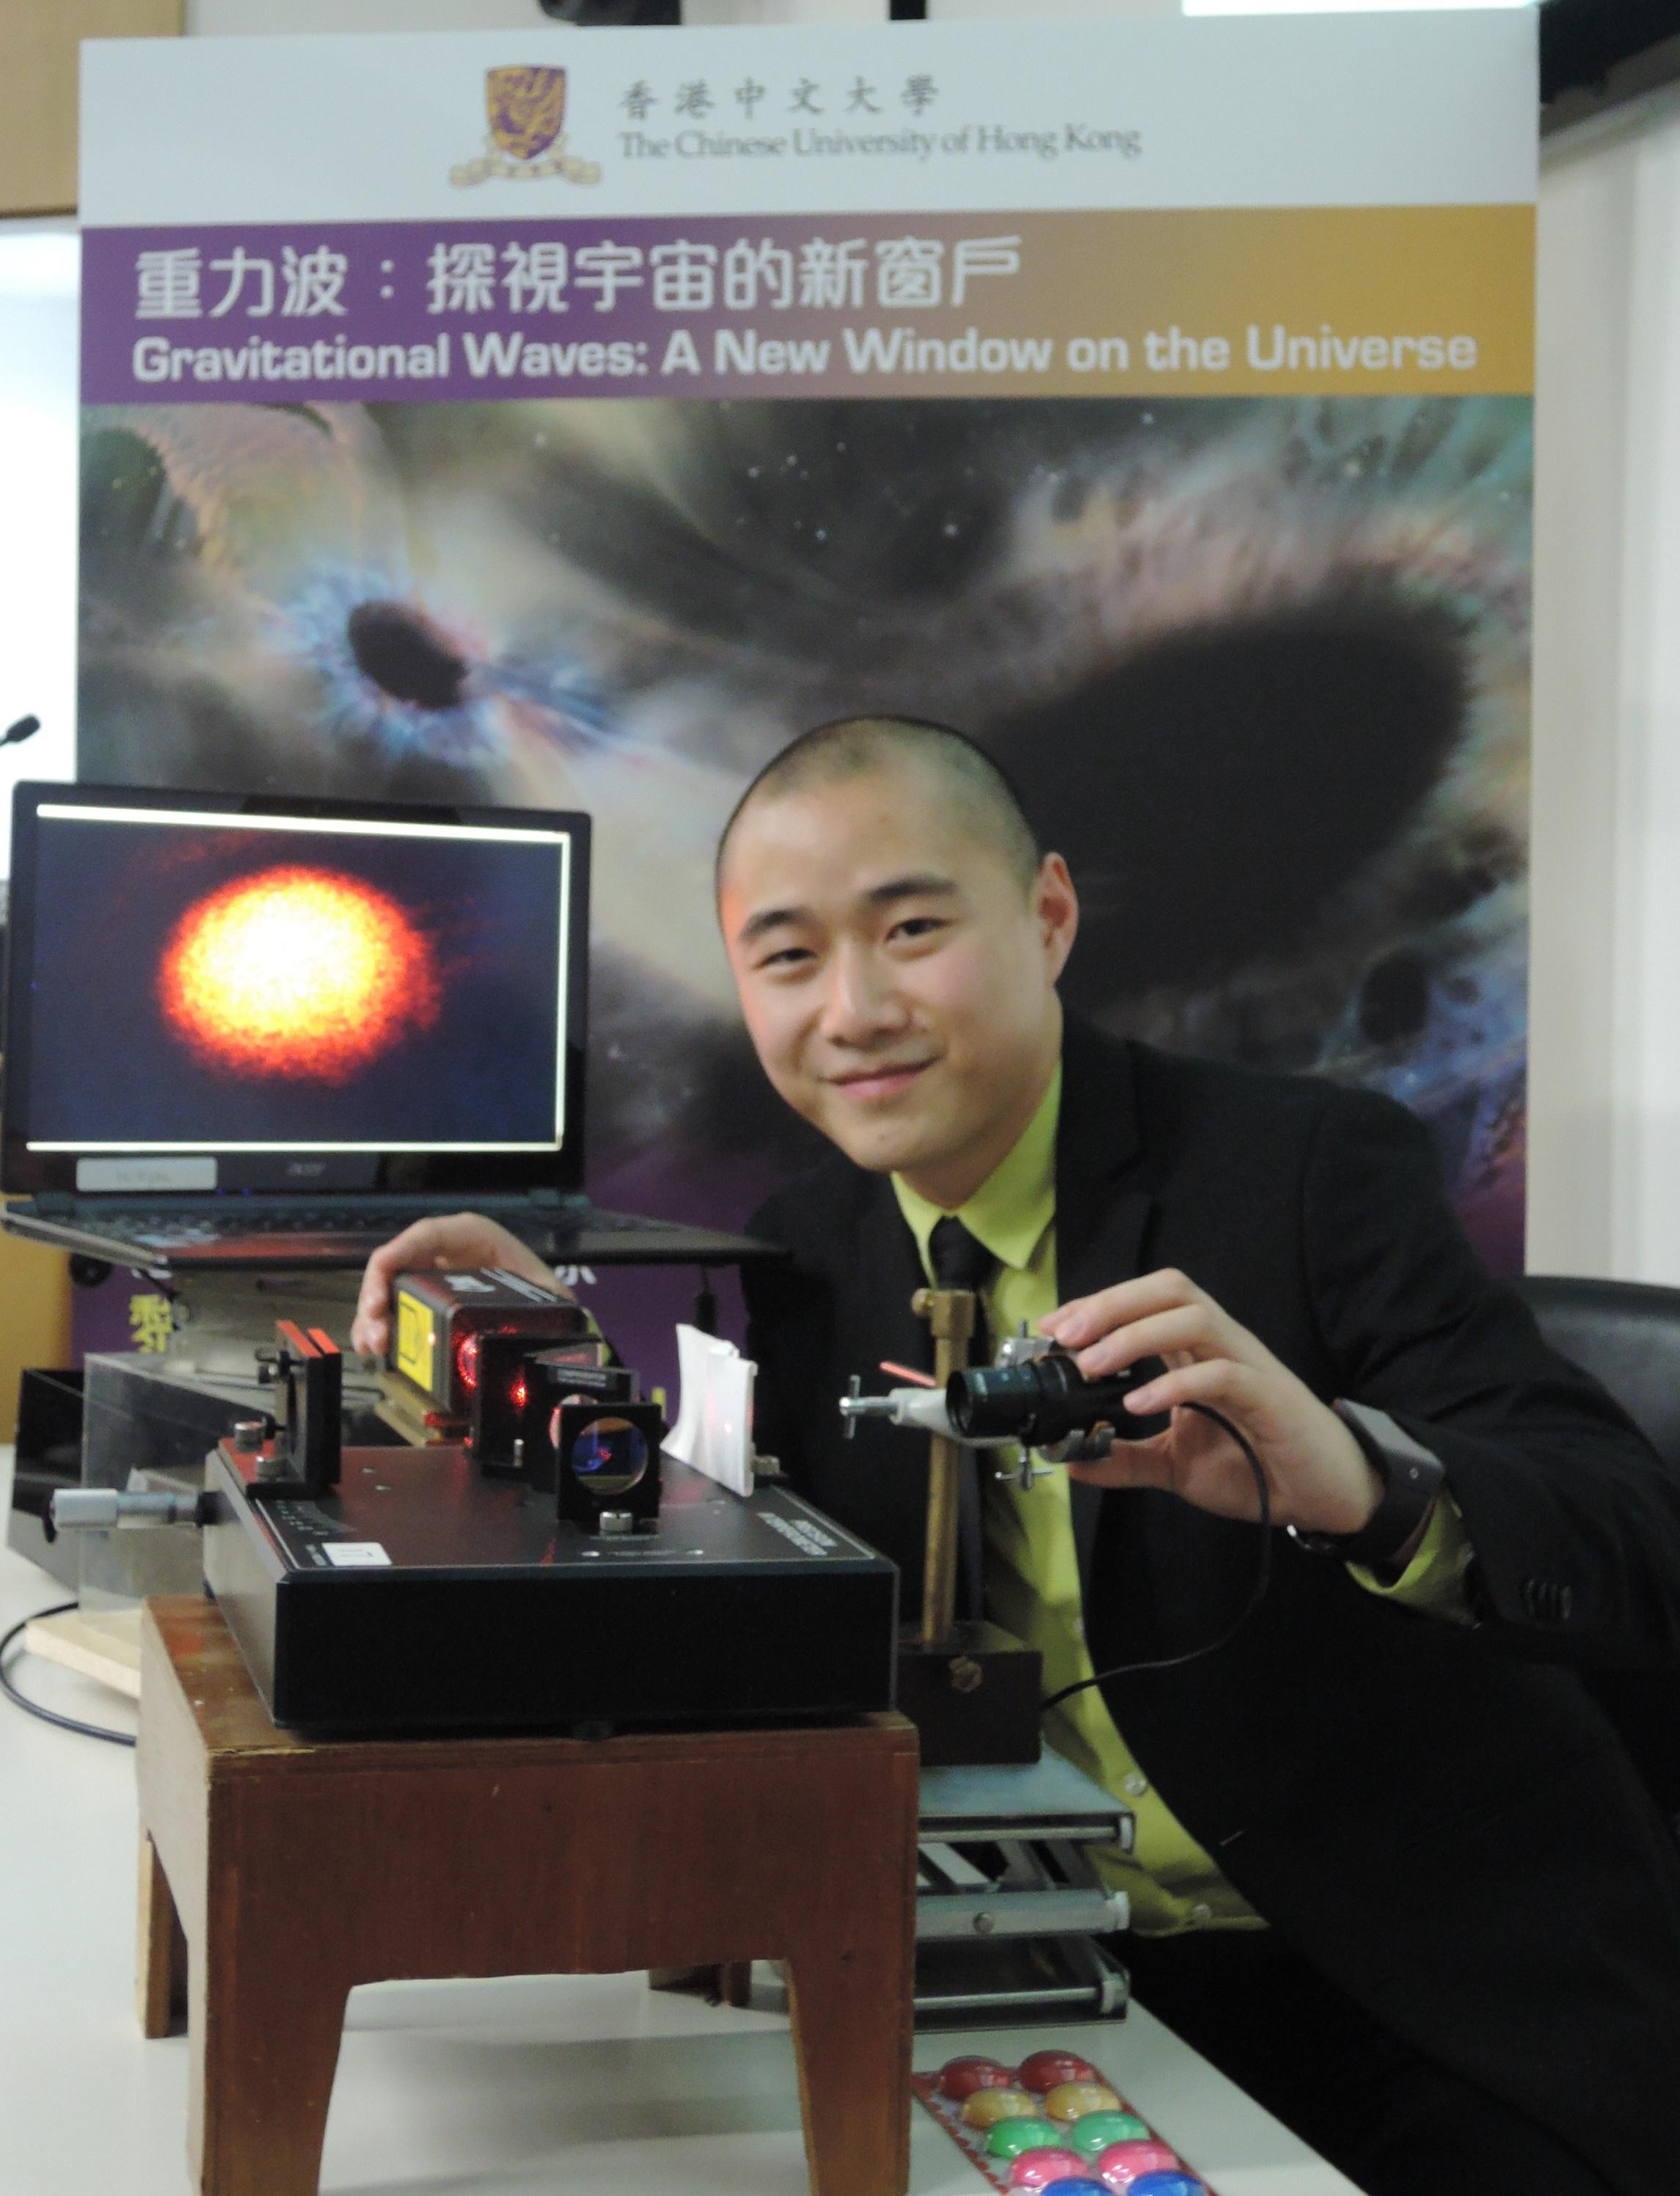 中大物理系研究助理教授黎冠峰教授。